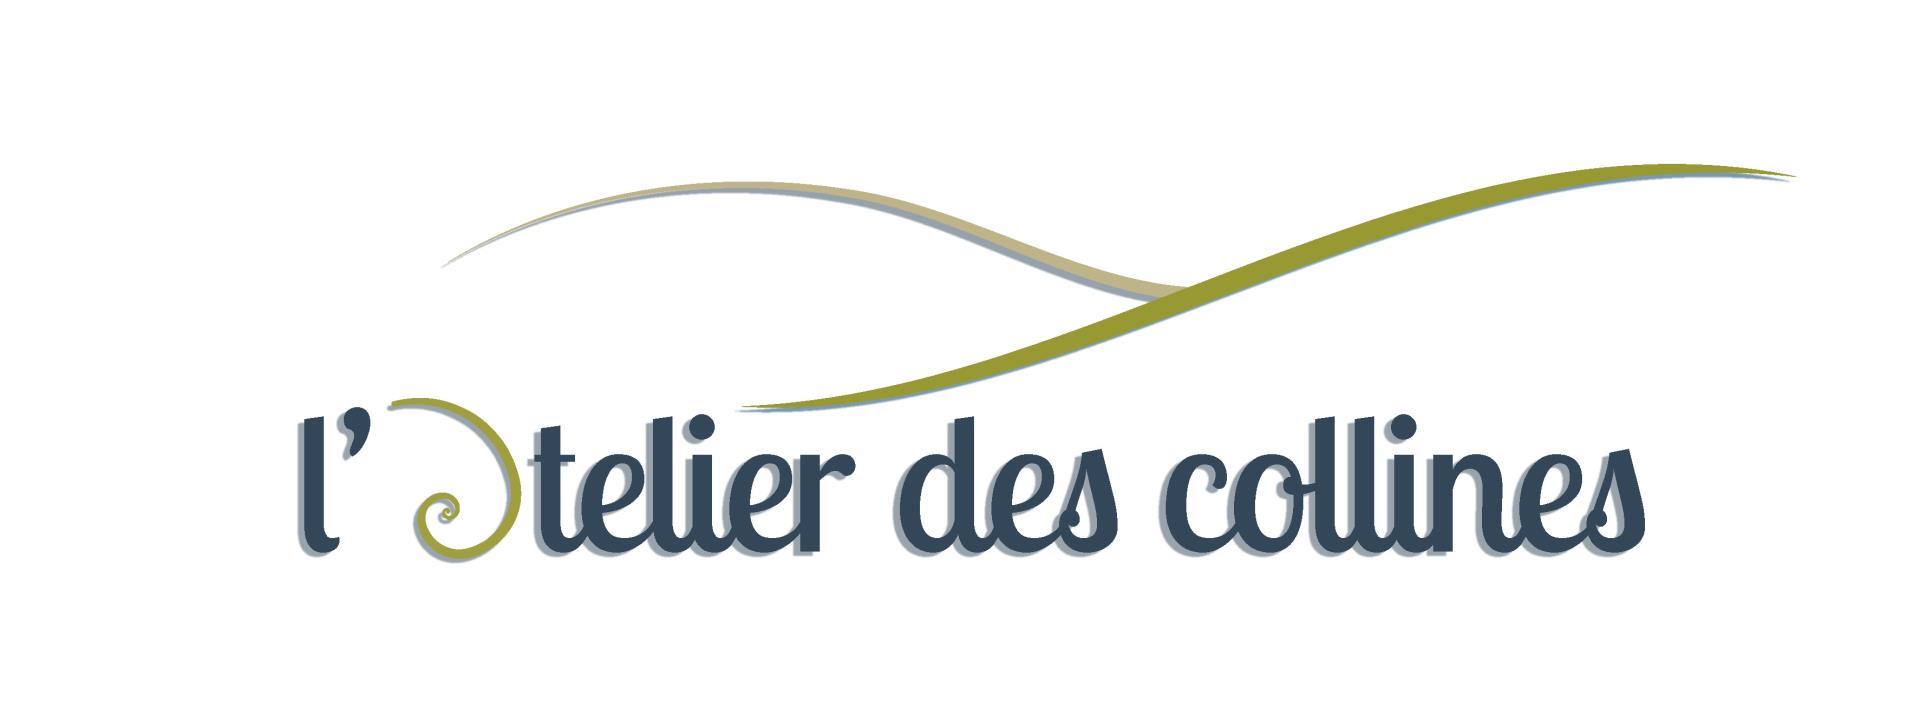 adhésion 2017 à l'atelier des collines - l'atelier des collines